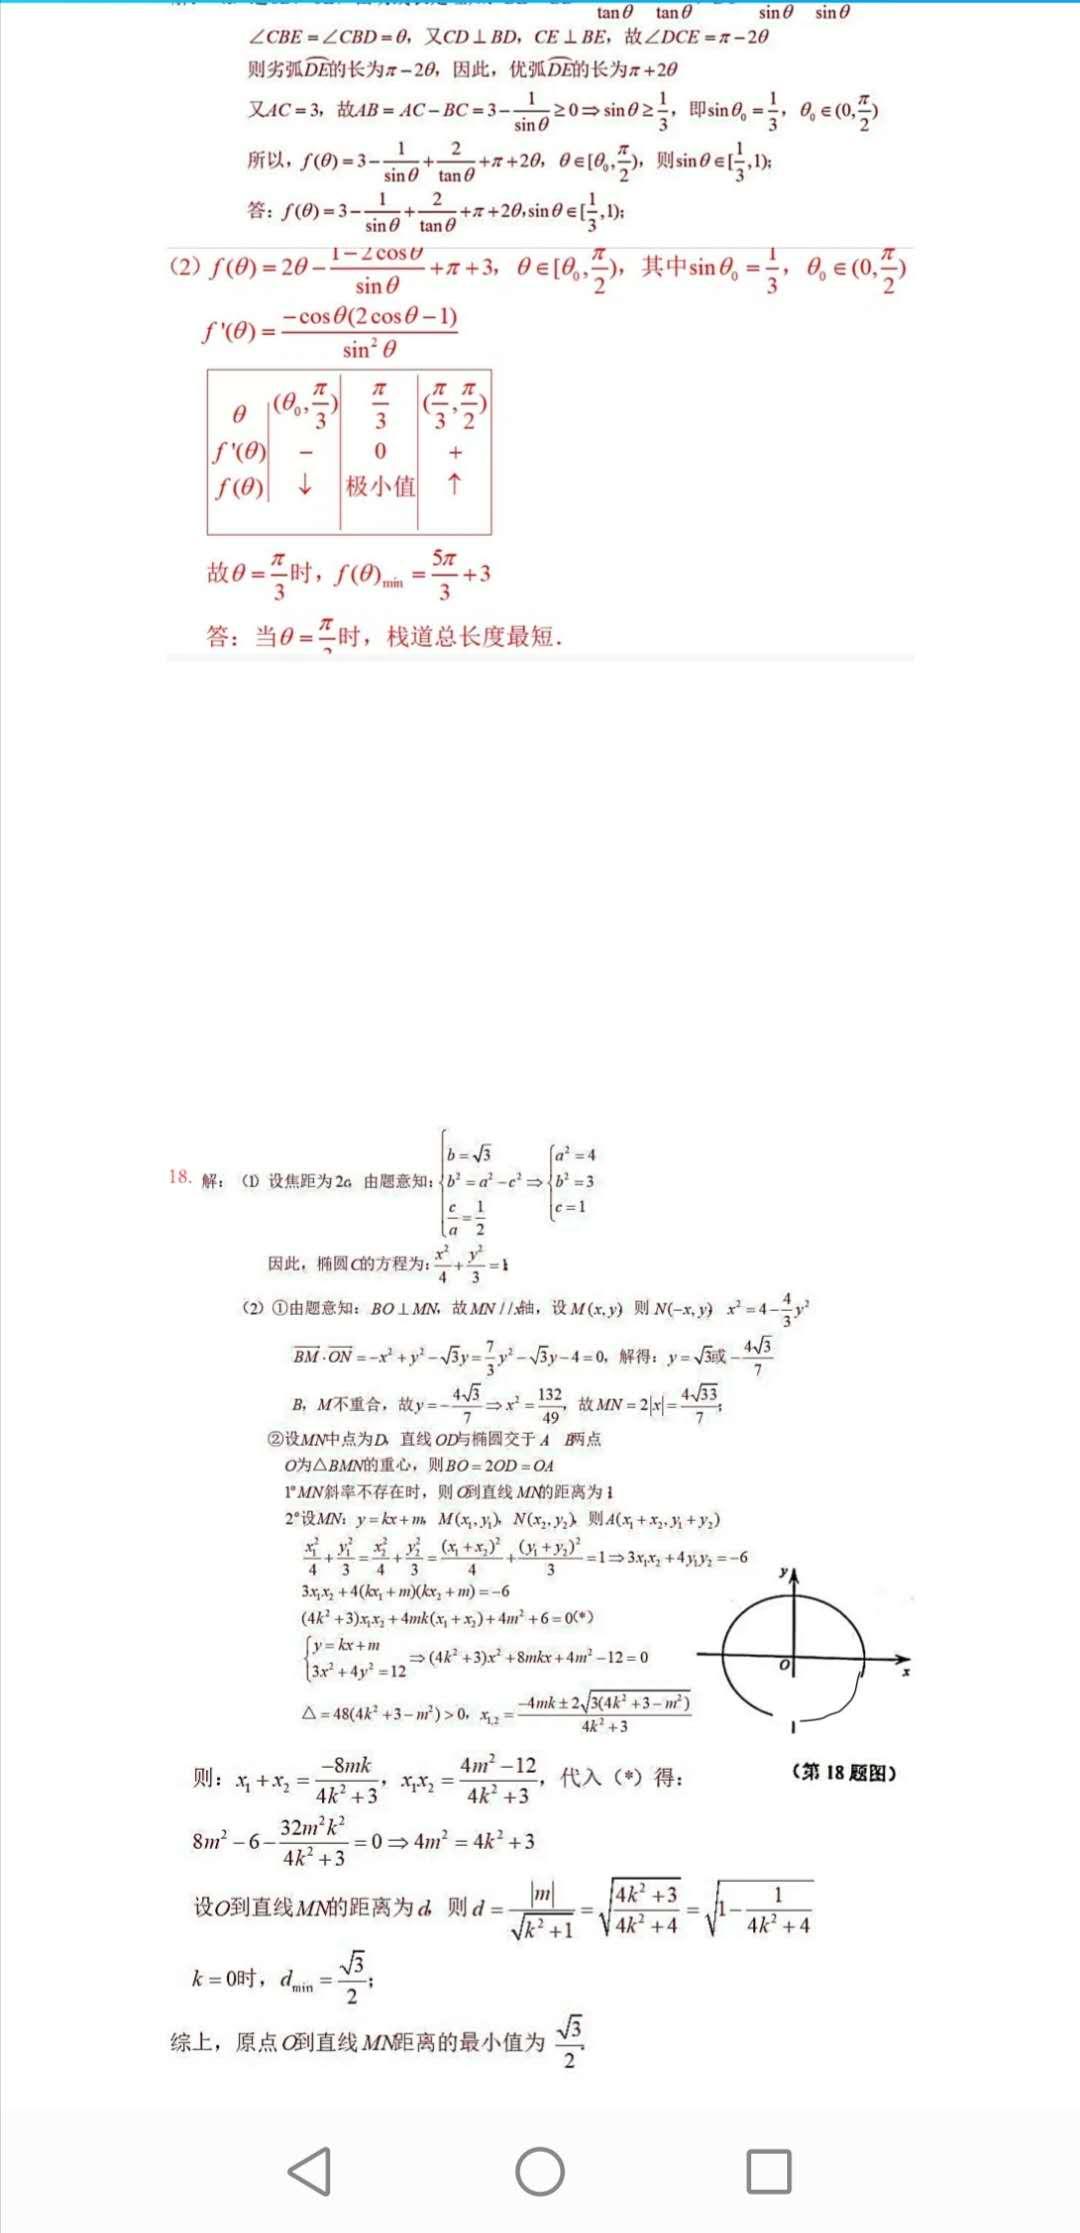 南京二模,江苏南京市、盐城市2020年高三第二次模拟考试数学答案